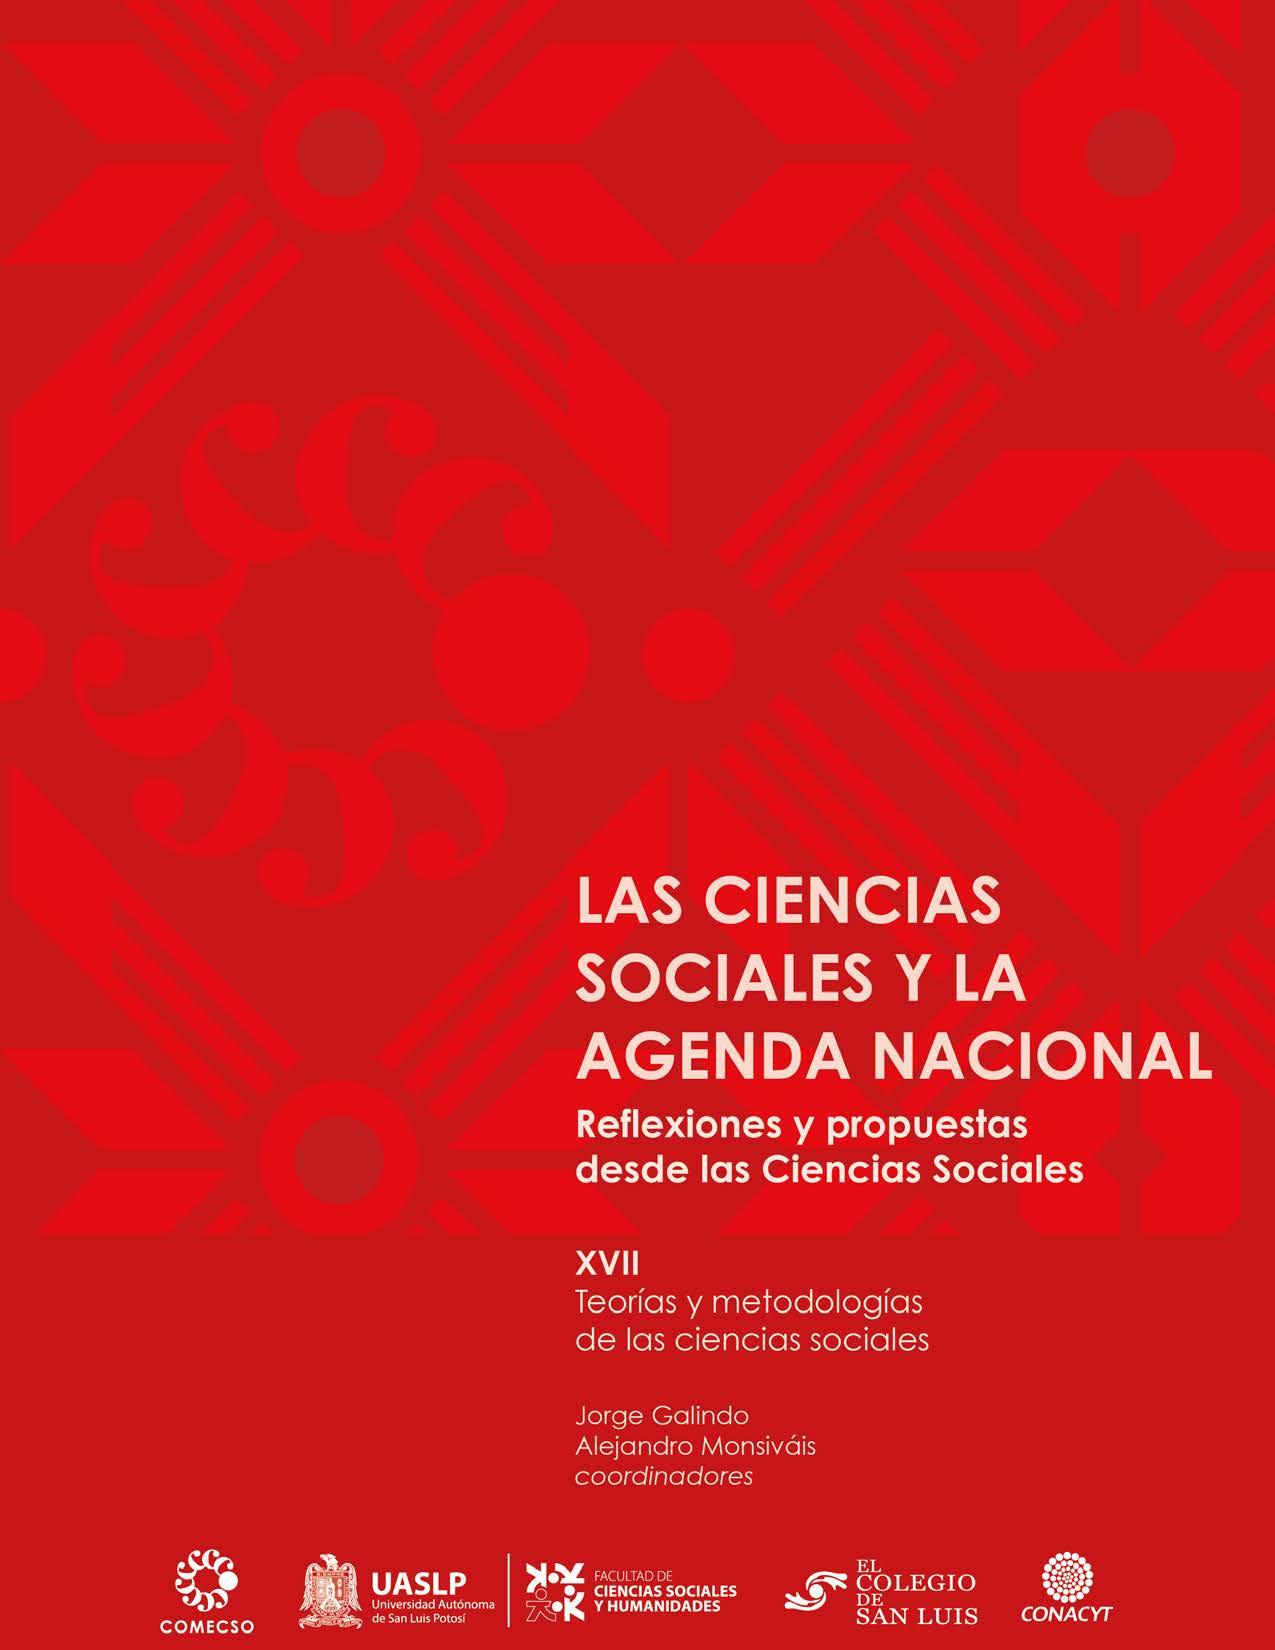 Vol. XVII. Teorías y metodologías de las ciencias sociales